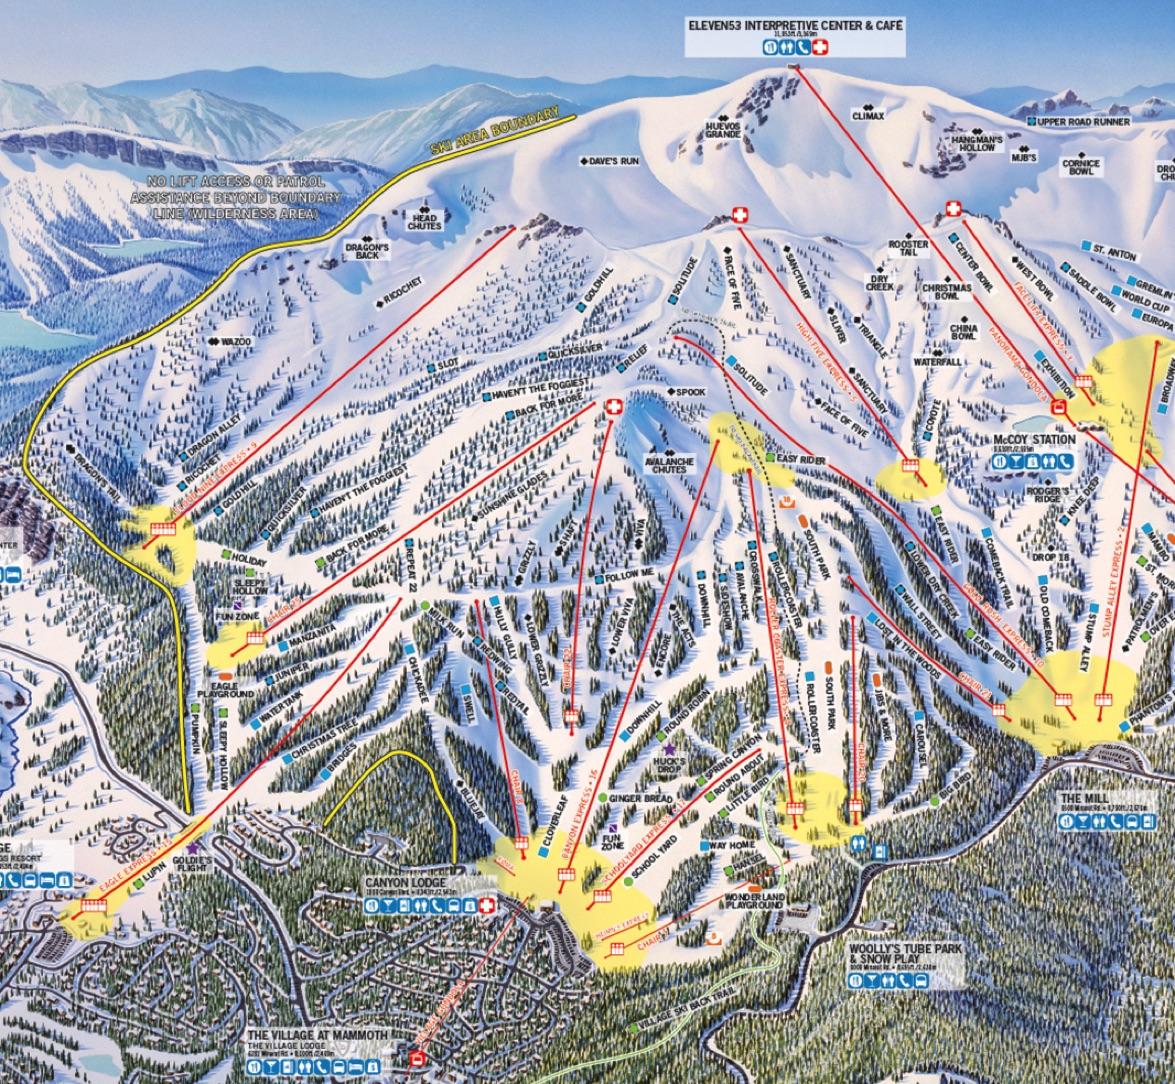 California Ski Maps Mammoth Mountain Ski Resort Trail Map - Mammoth mountain trail map